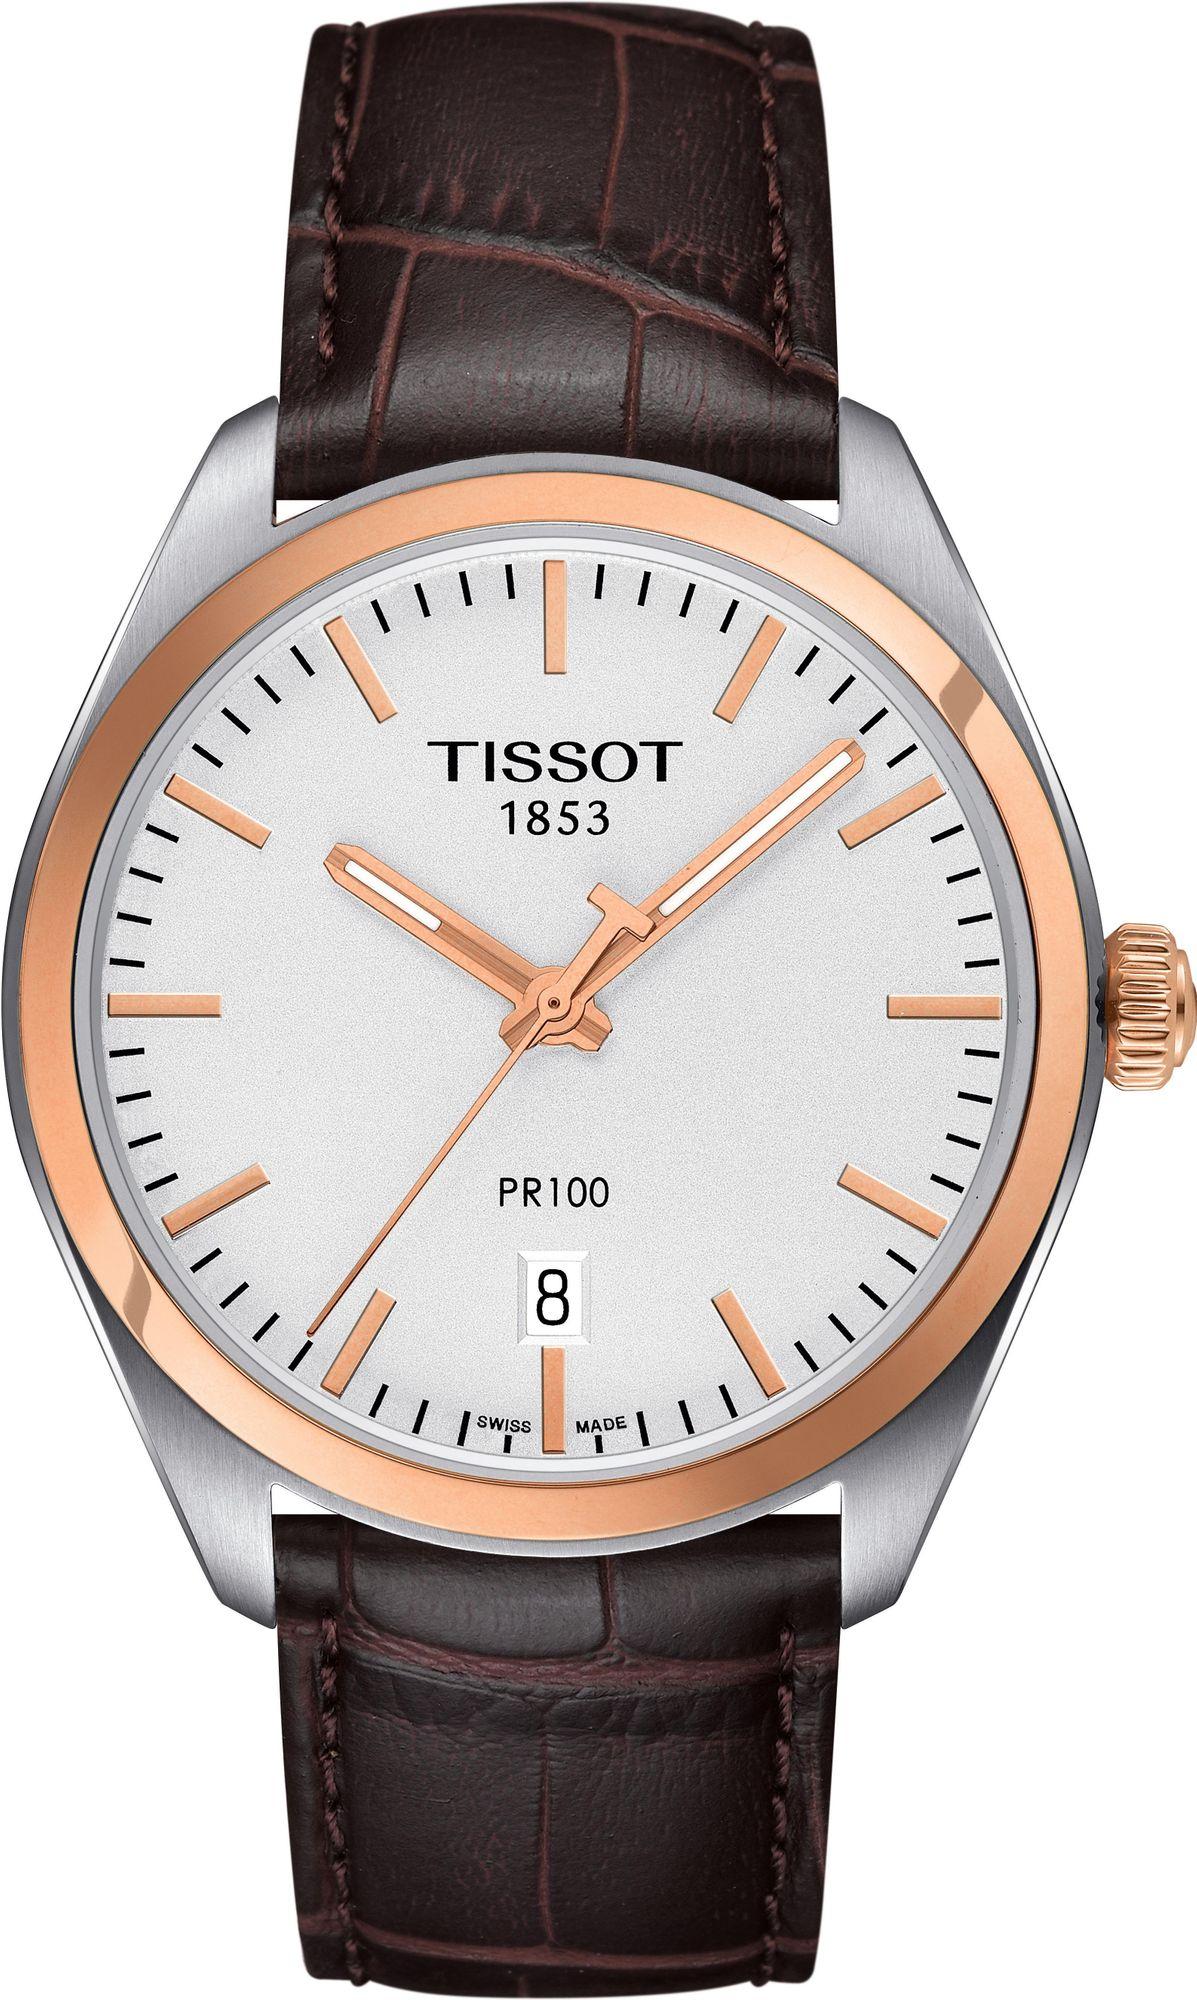 [eBay: ticwatches] Tissot T101.410.26.031.00, PR100, Quarz, Saphirglas, Gehäusedurchmesser: 41 mm, Wasserdicht bis 100 m, Gold/Braun